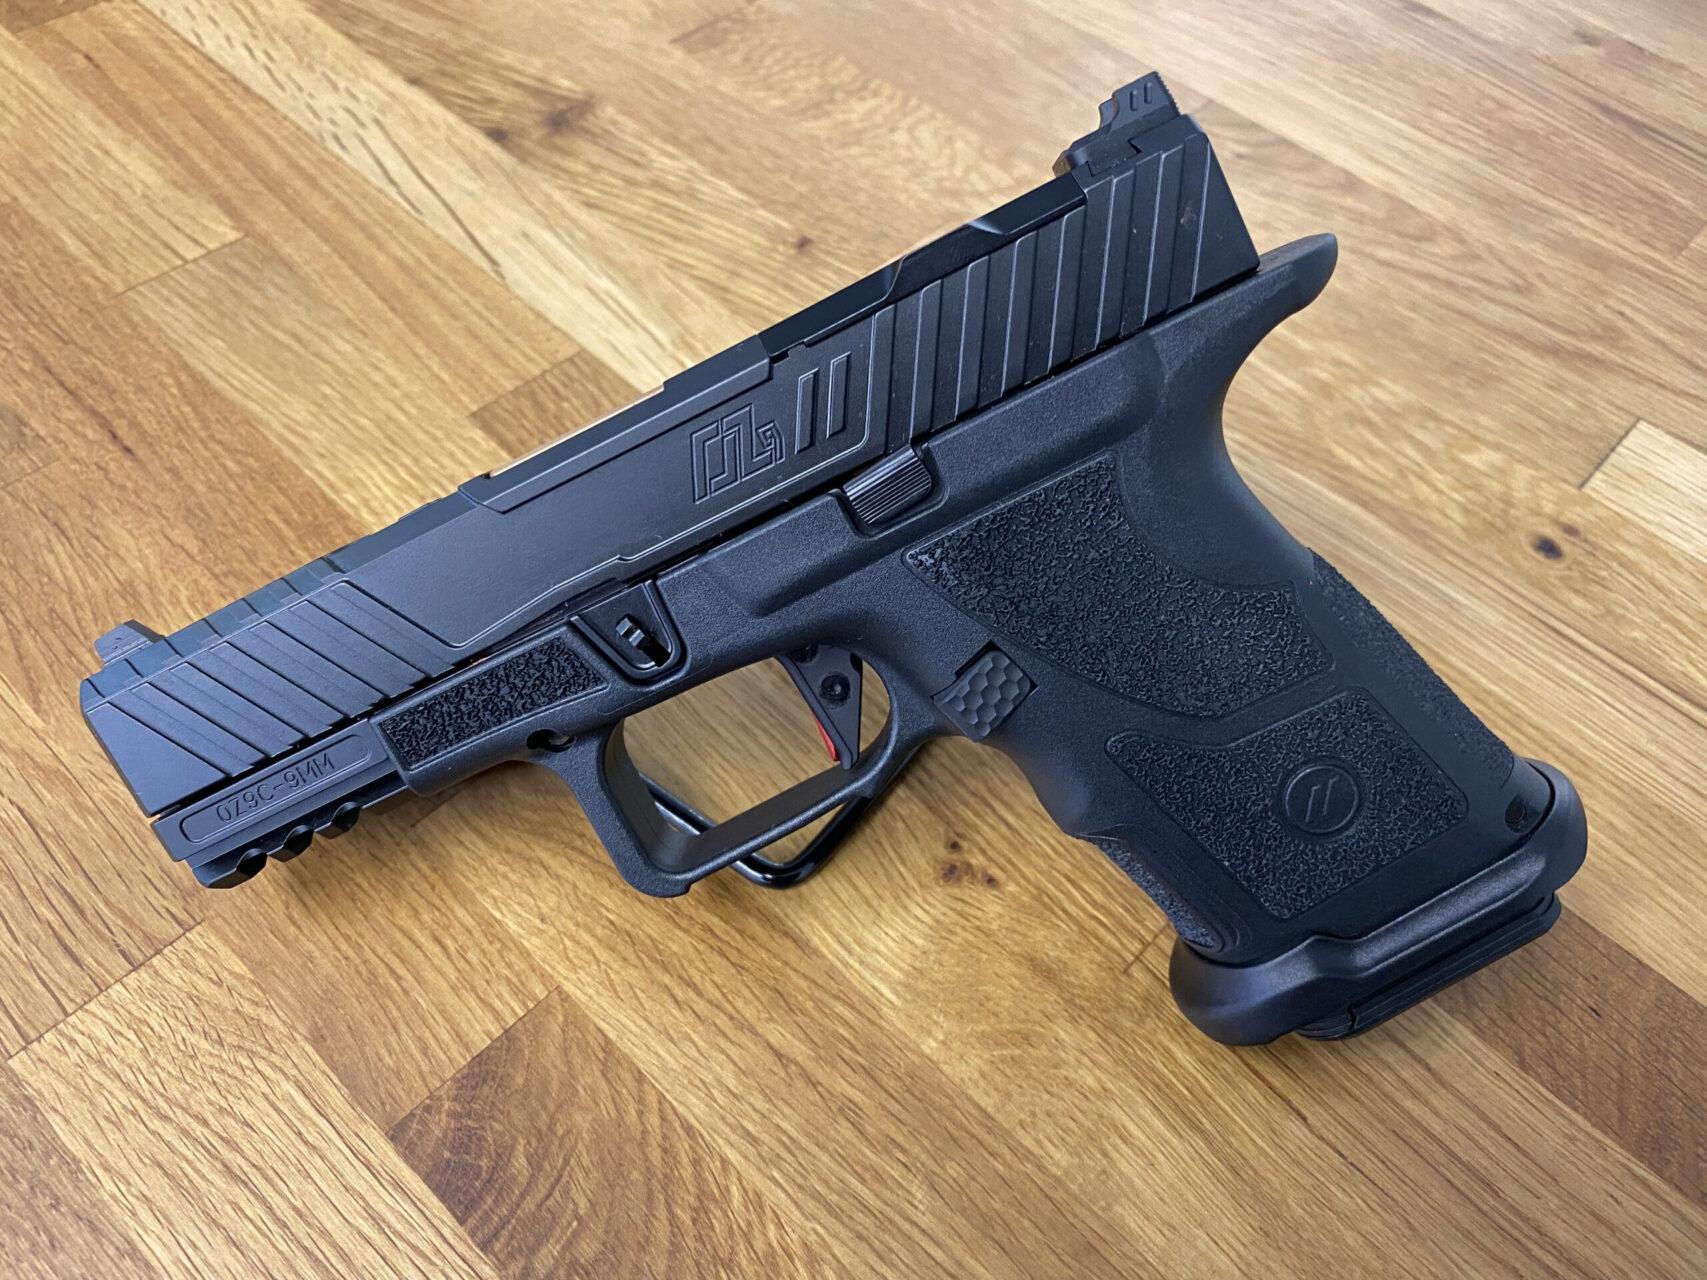 OZ9C-CPT-HYP-B-BRZ - Pistole ZEV OZ9C HYPER-COMP PISTOL, COMPACT BLACK SLIDE, BRONZE BARREL